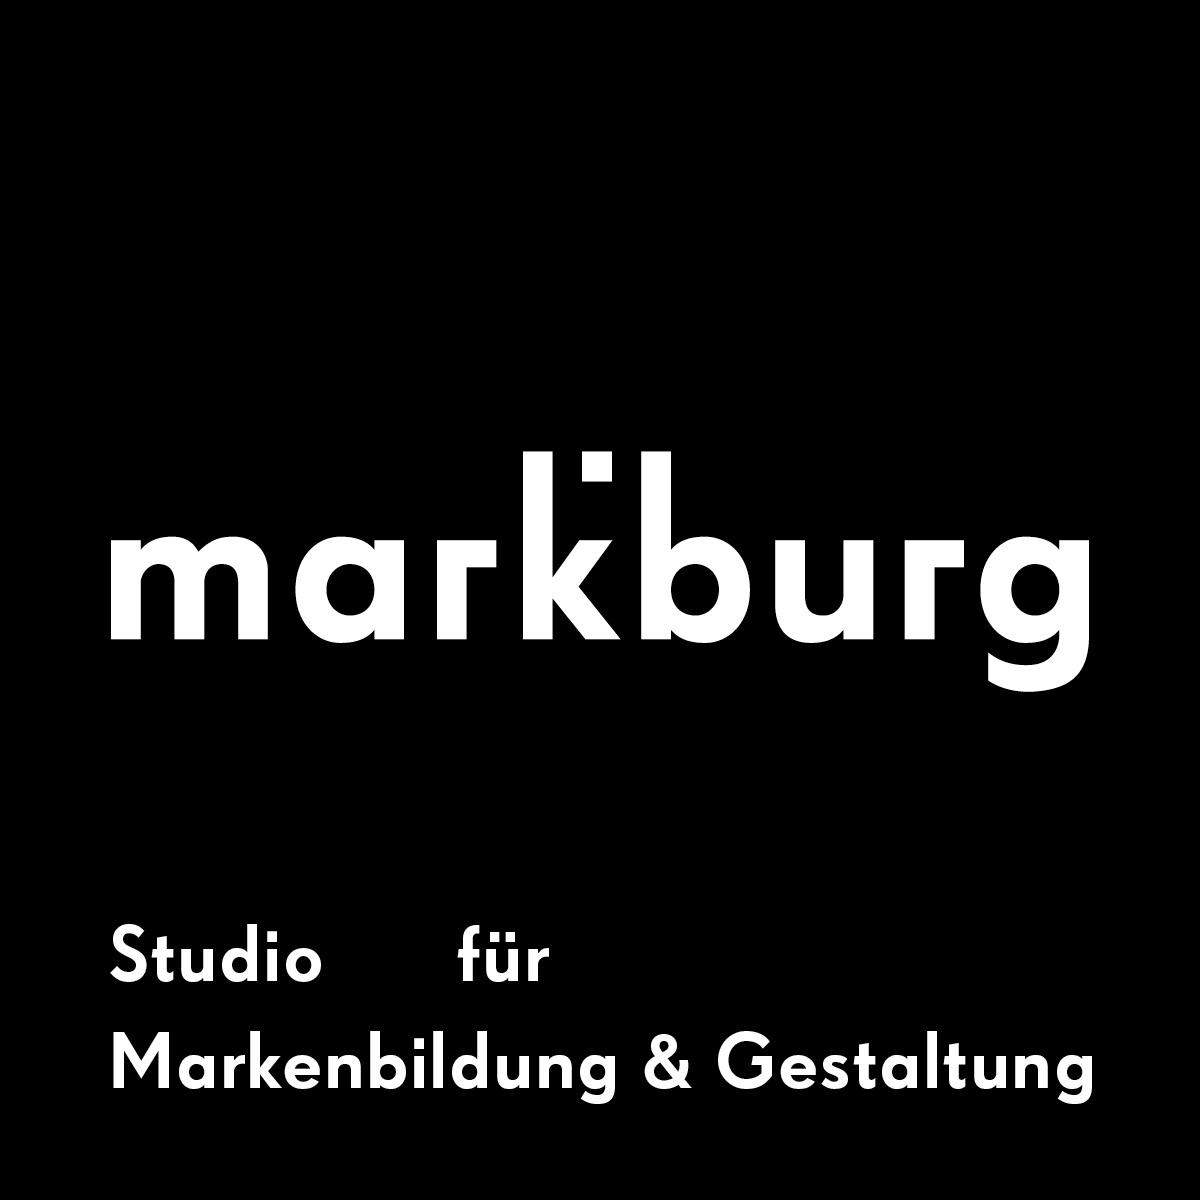 2000x1200-markburg2